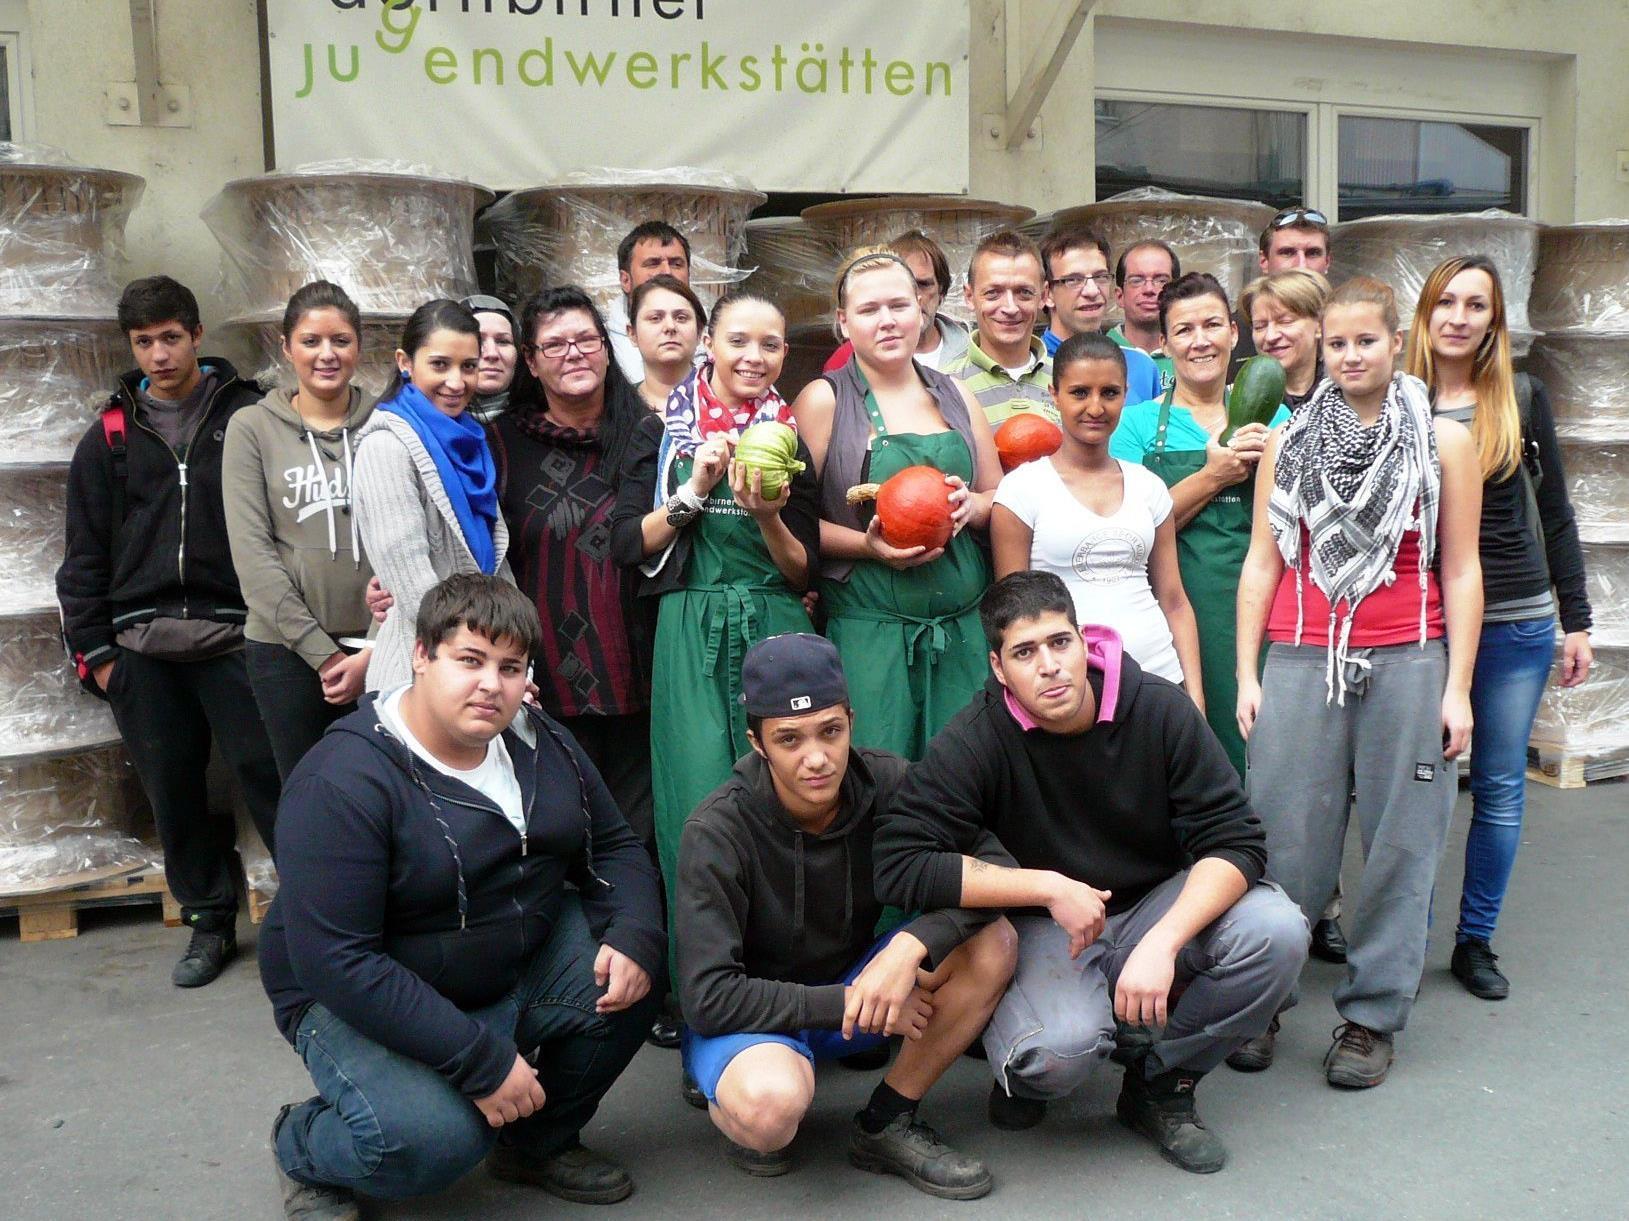 Gesundheitsförderung wird in den Dornbirner Jugendwerkstätten großgeschrieben.